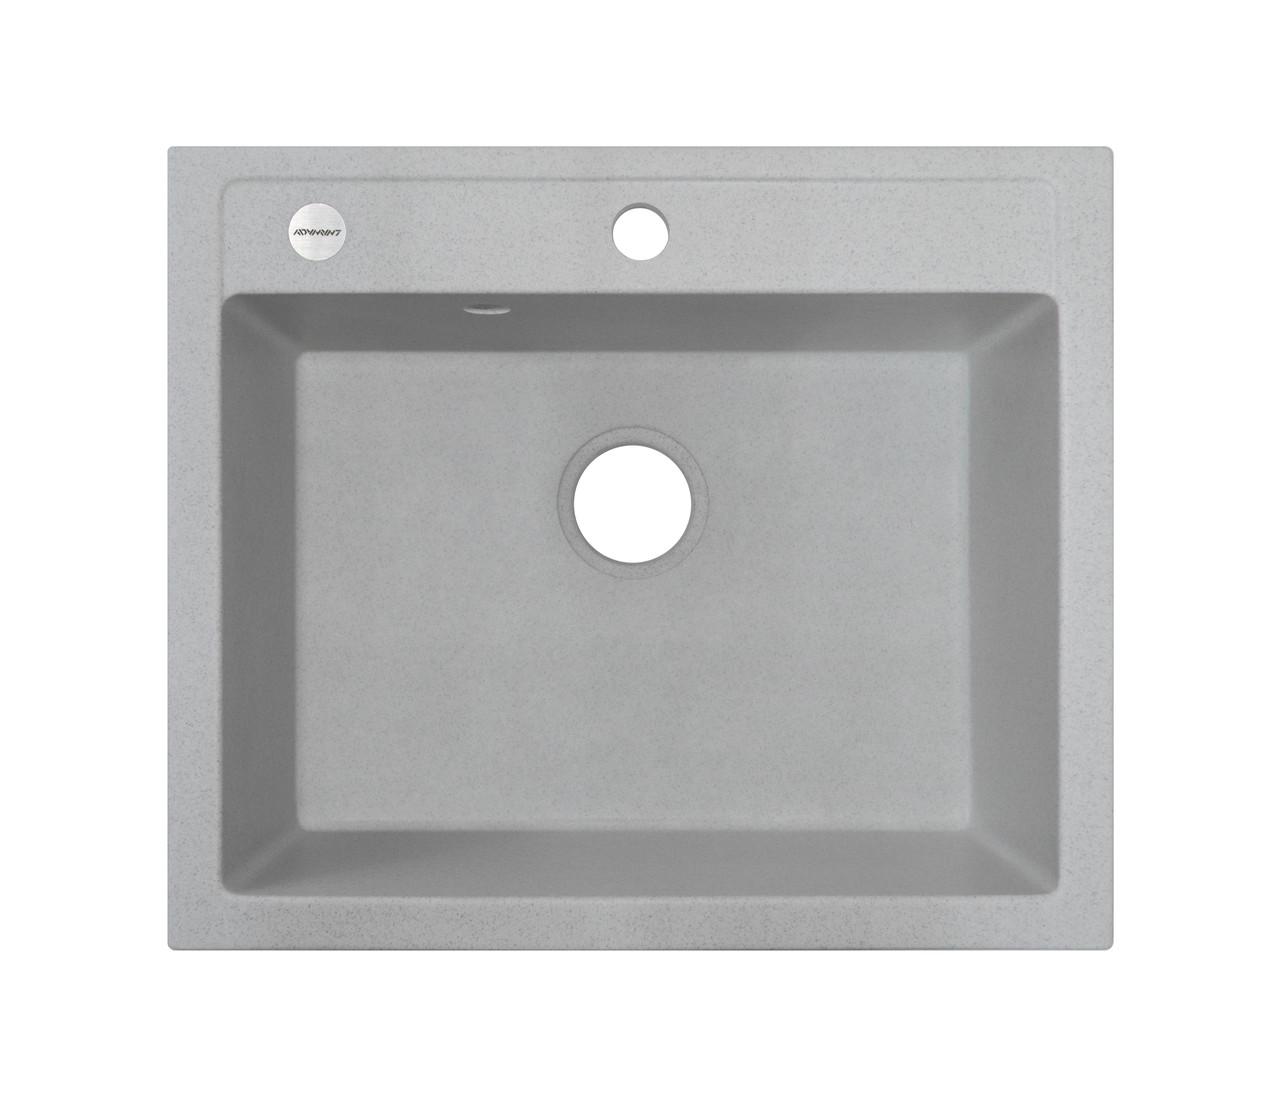 Мойка кухонная серая гранит 59*50 см ADAMANT PRIZMA светлый серый